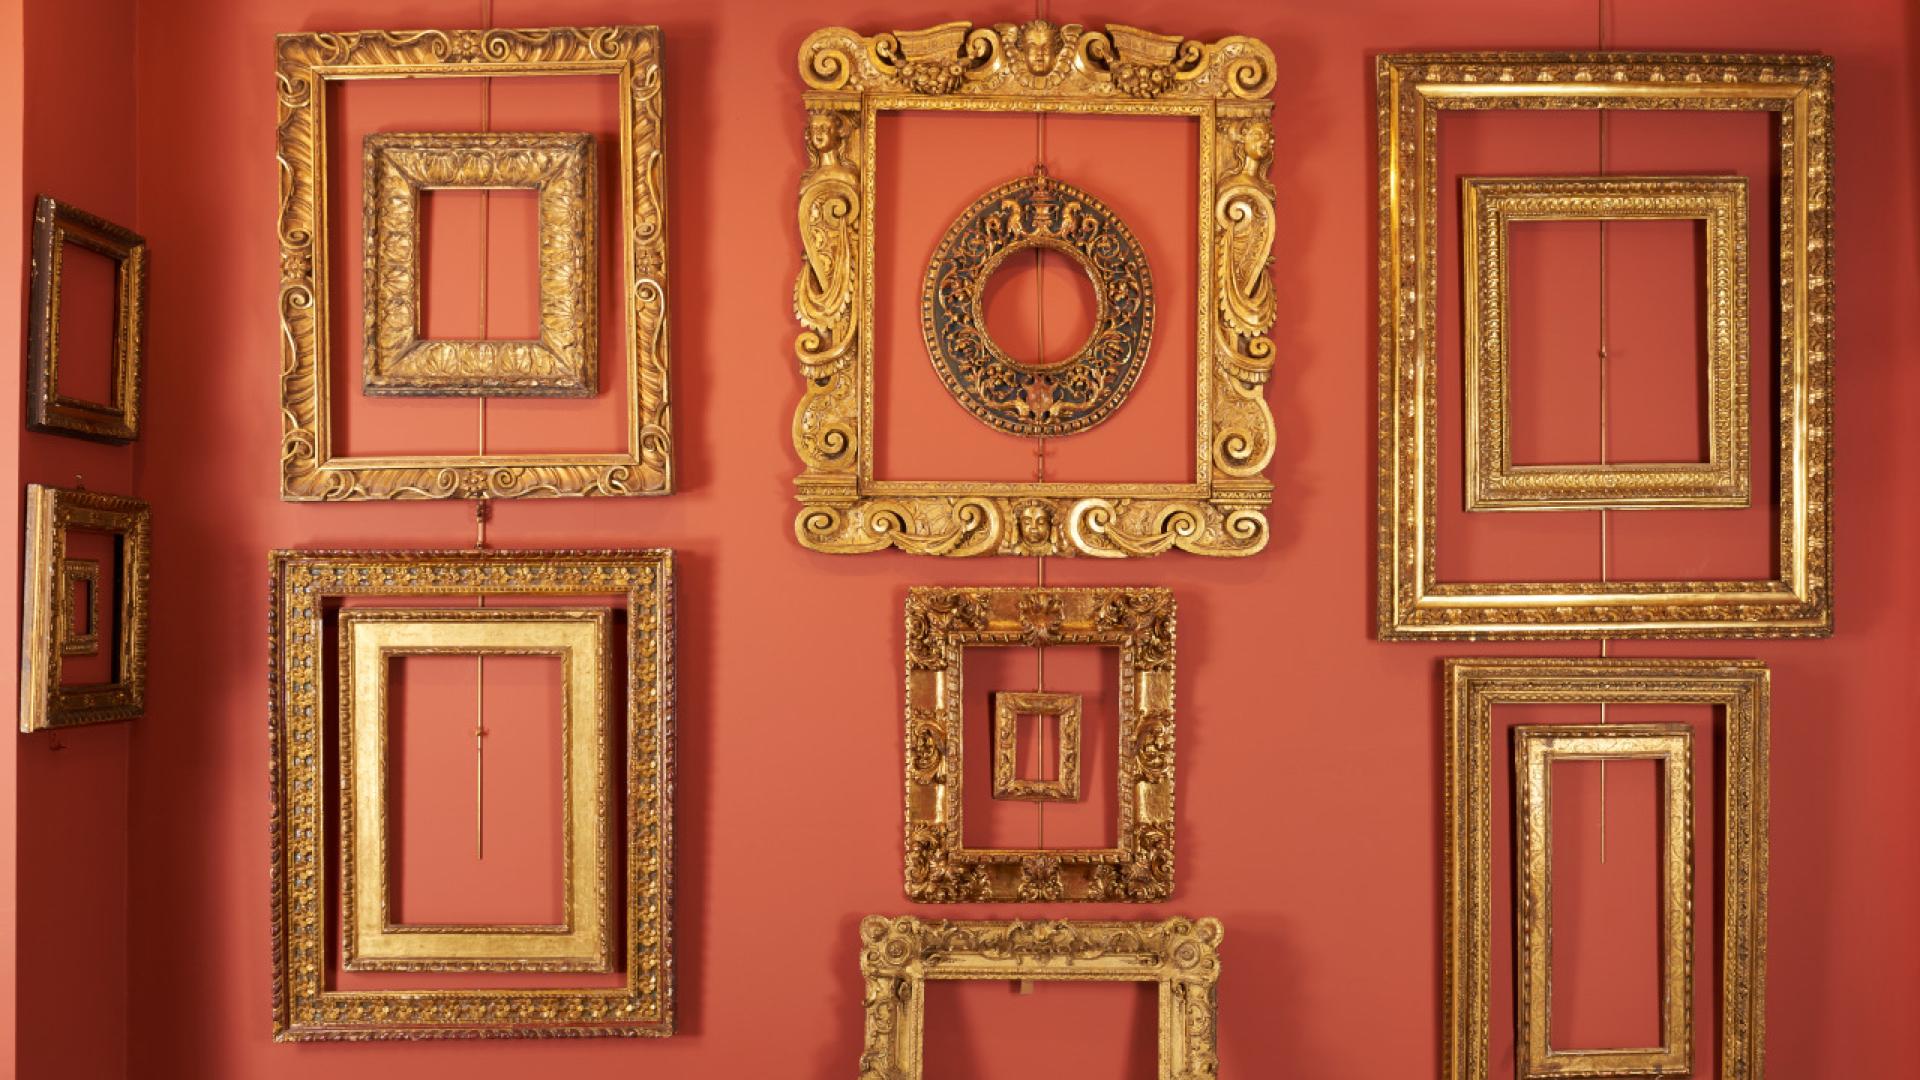 galleryslides.002.jpeg